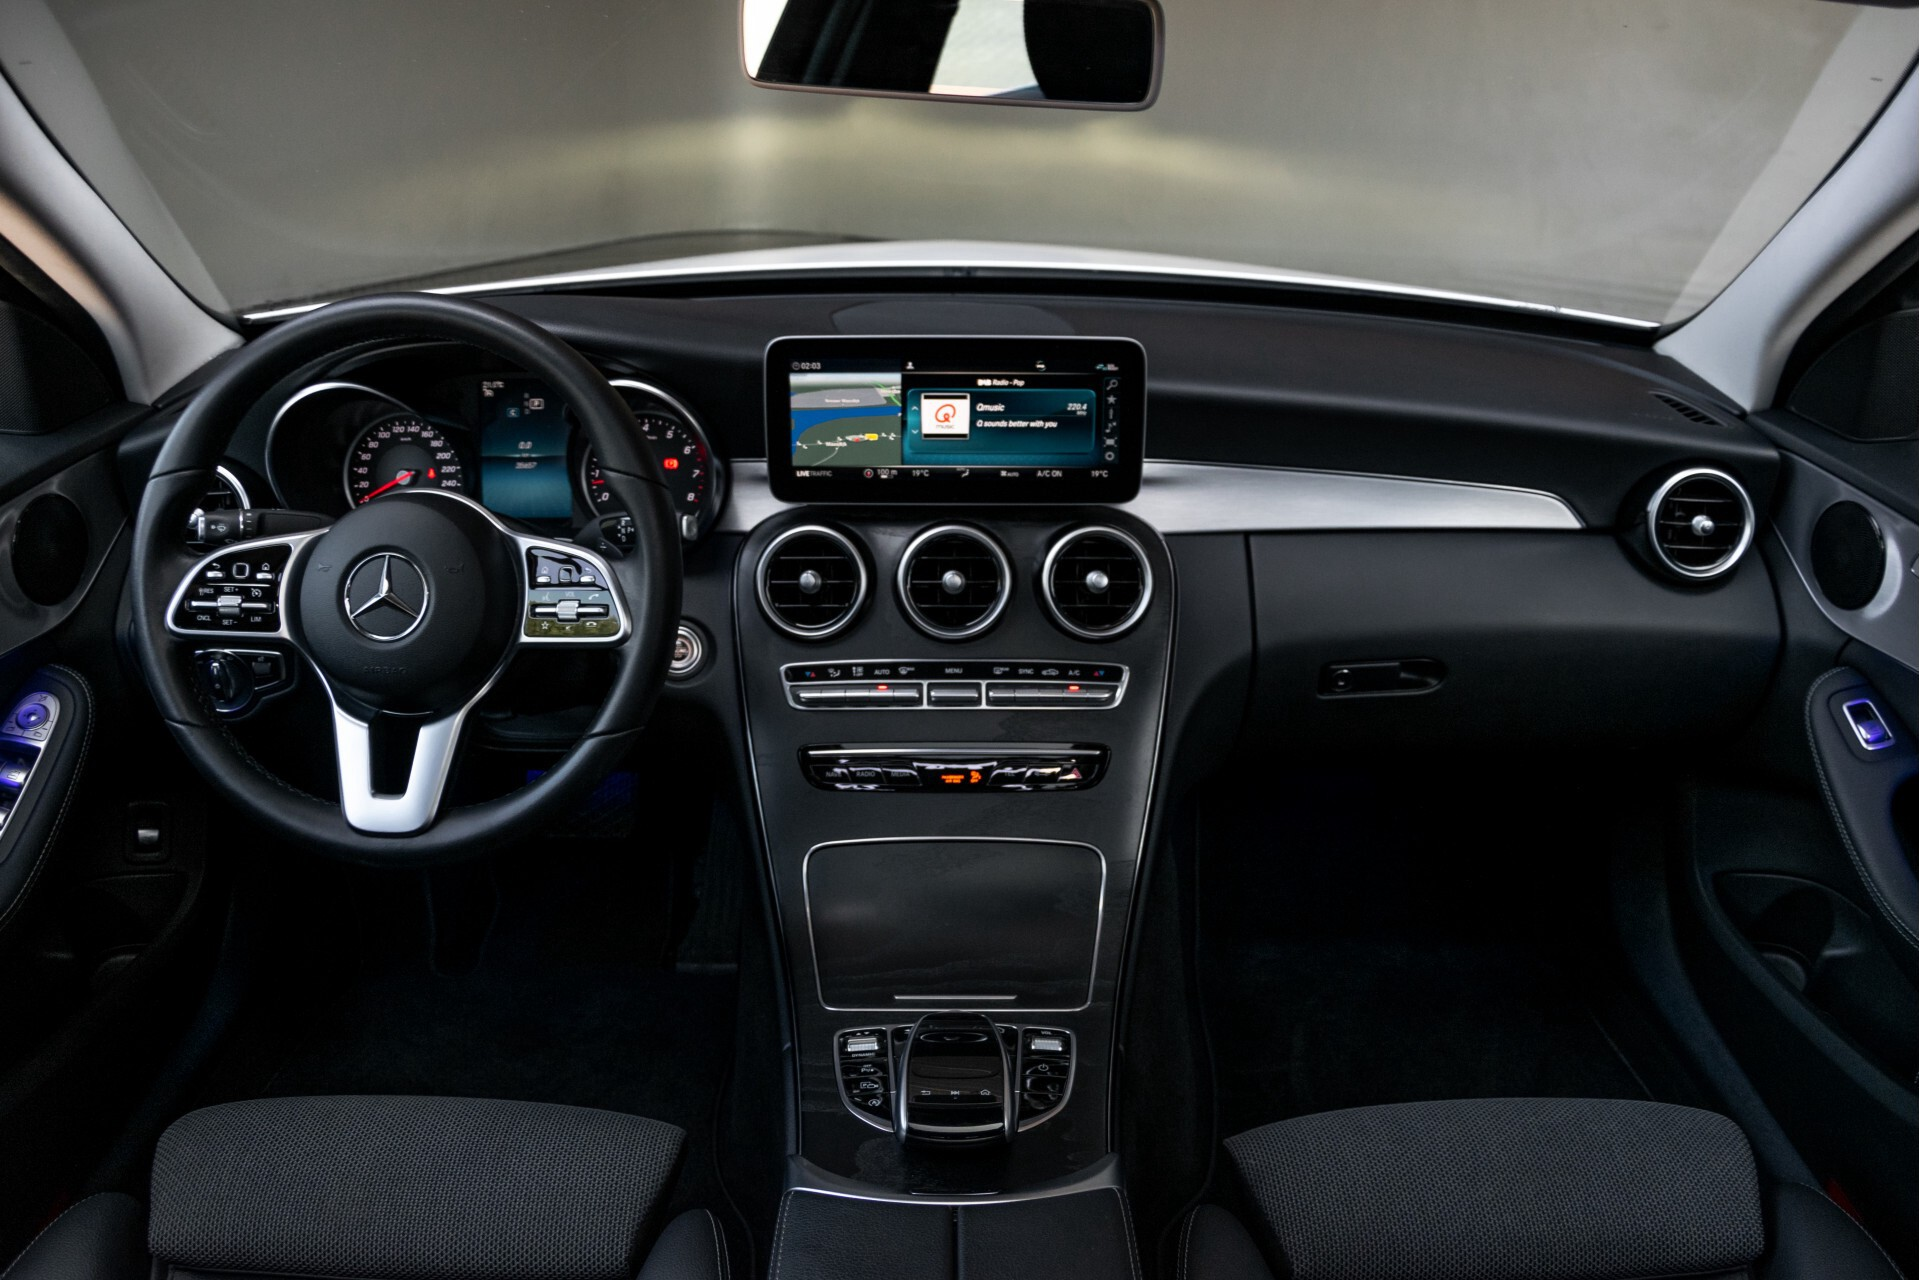 Mercedes-Benz C-Klasse 180 Avantgarde Advanced/Schuifdak/Groot Navi Aut9 Foto 9